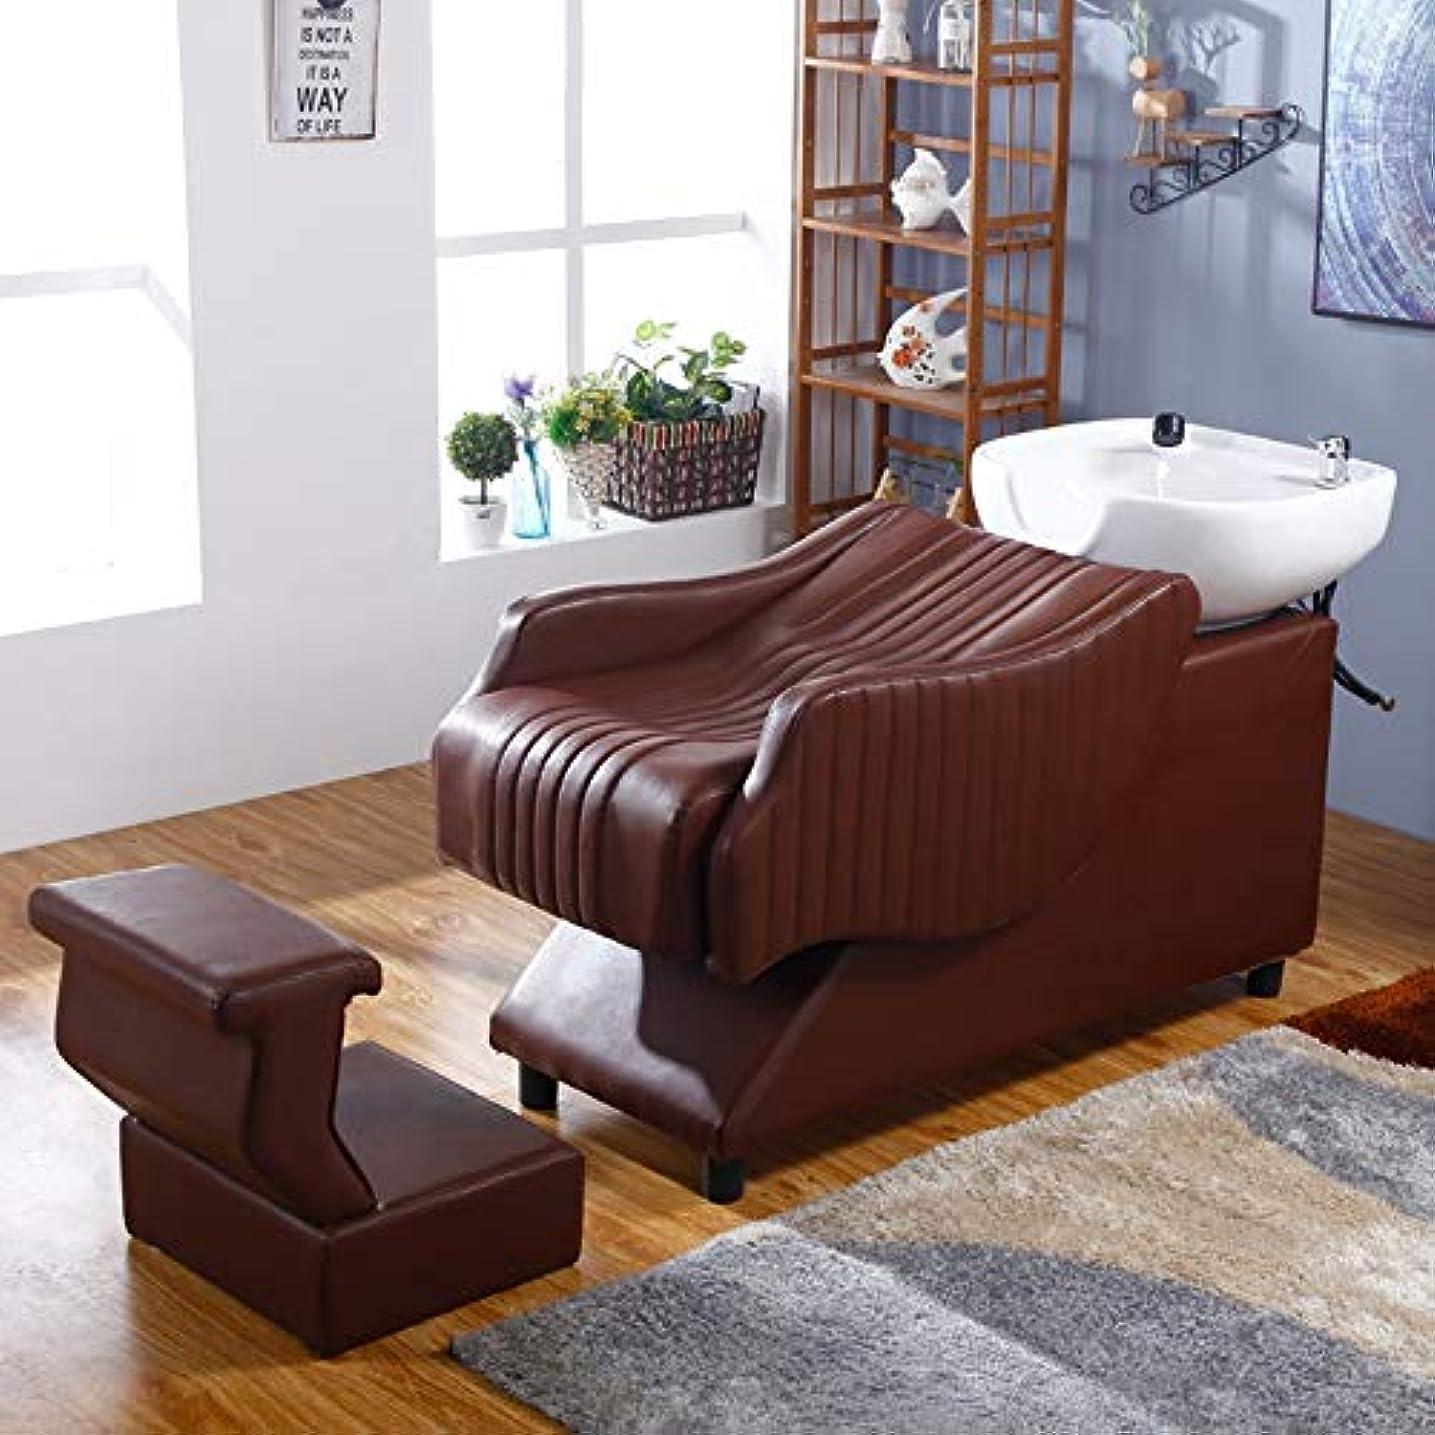 忌まわしい友情百シャンプー理容室逆洗椅子、 鉱泉の美容院装置の毛の美のベッドのための半リカンベントシャンプーボールの流しの椅子